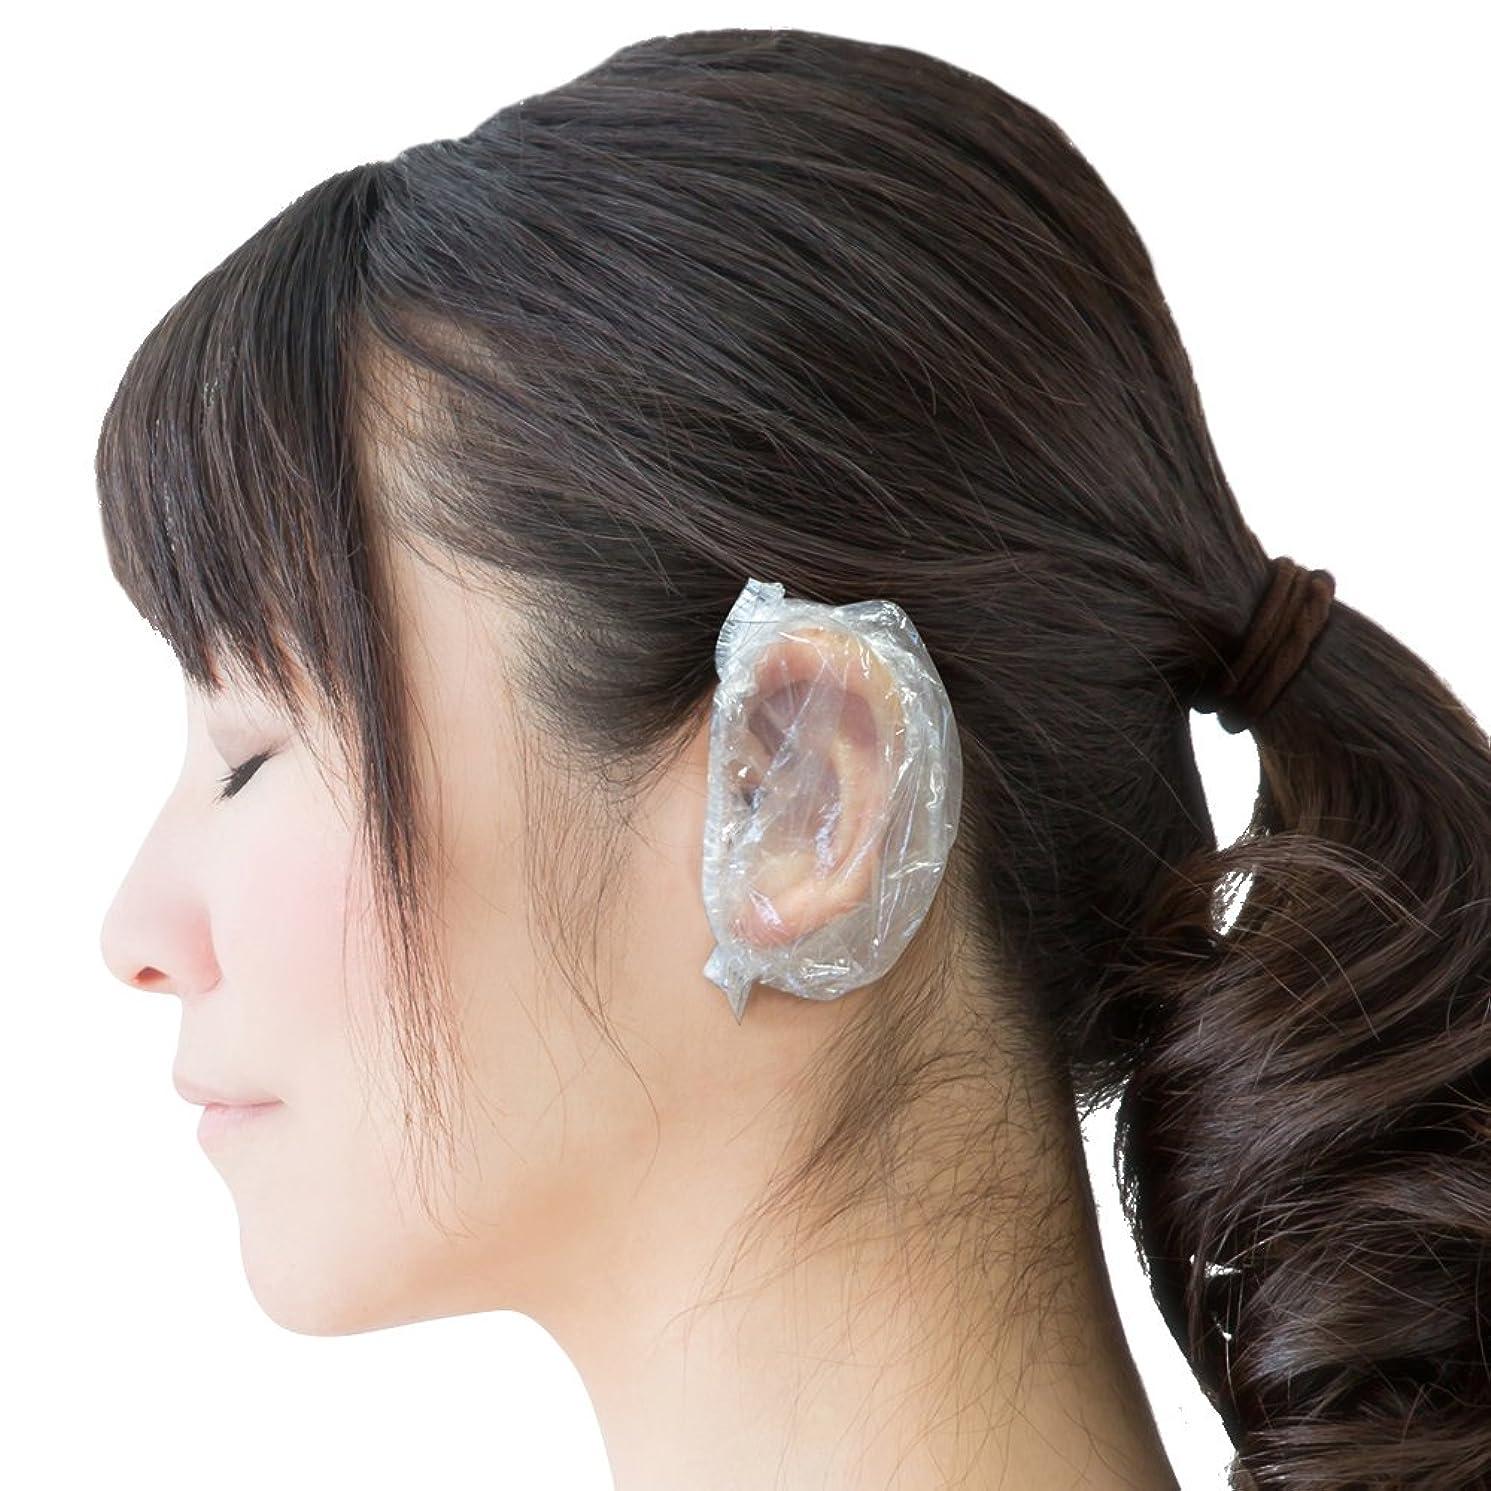 嵐のレンダー天才【Fiveten】 耳キャップ イヤーキャップ 耳カバー 毛染め 使い捨て 100個